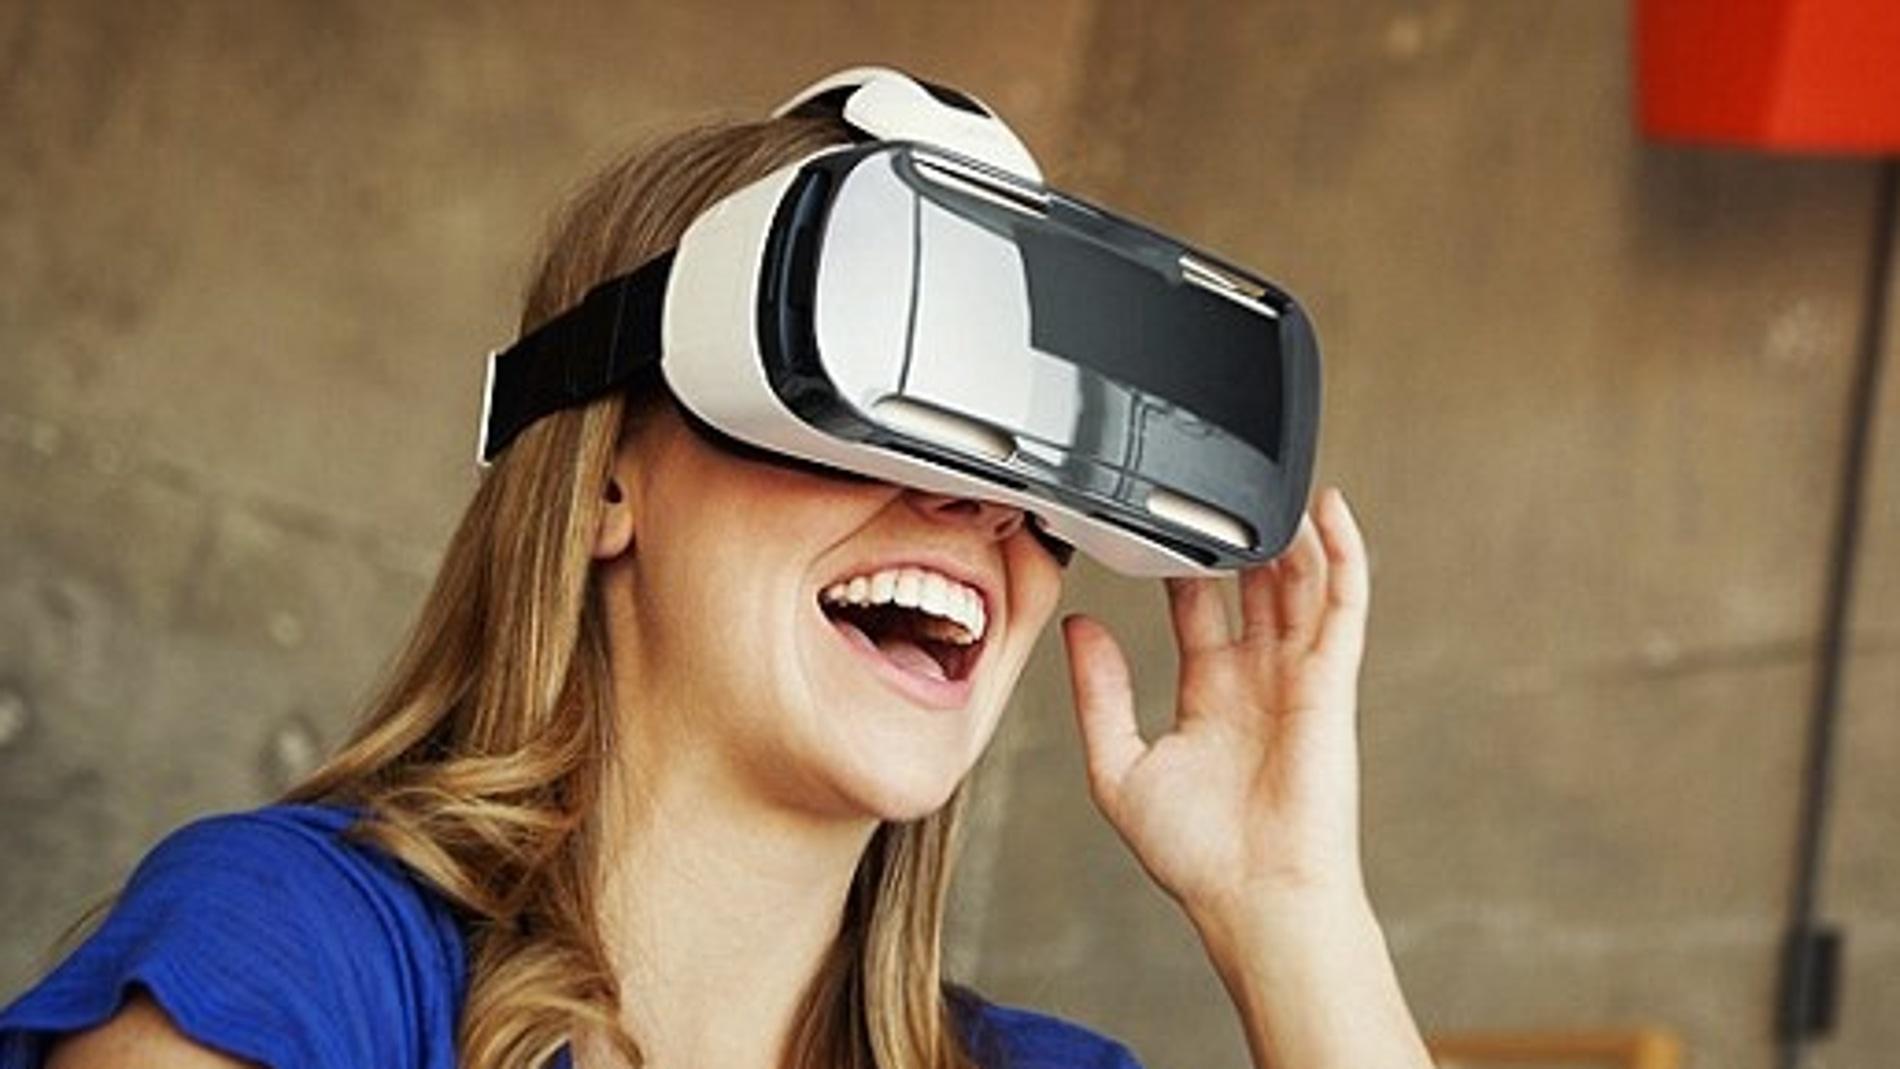 Samsung apuesta por la realidad virtual con sus gafas y una cámara 360º